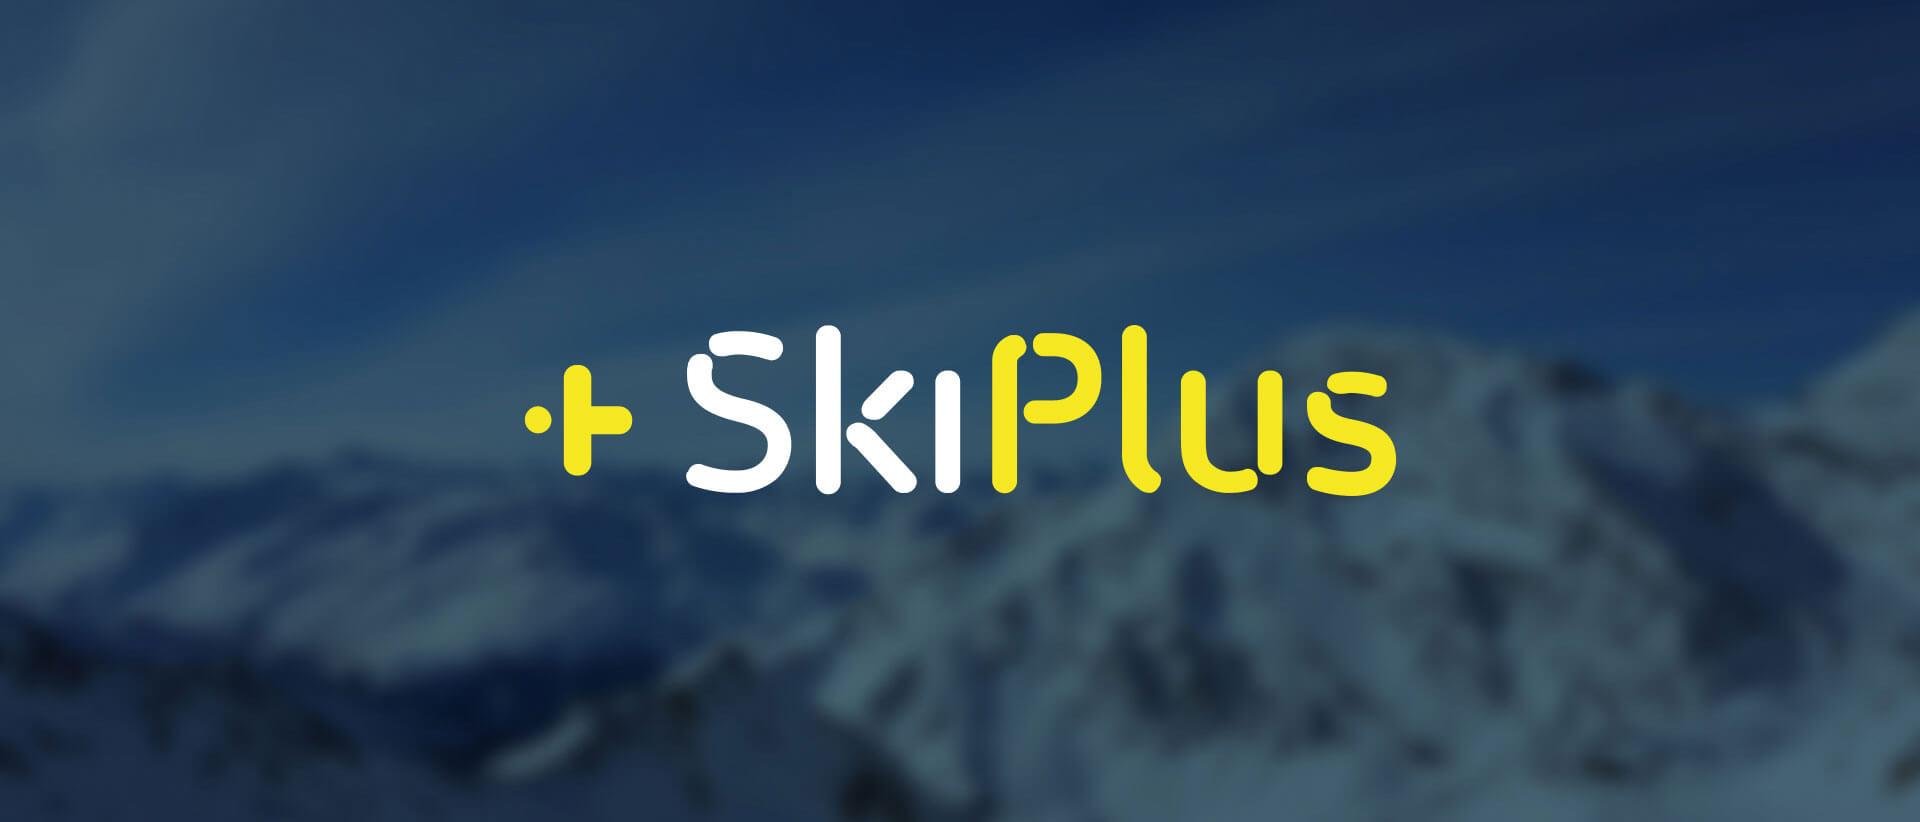 SkiPlus Logo mit verschwommenen Bergen im Hintergrund